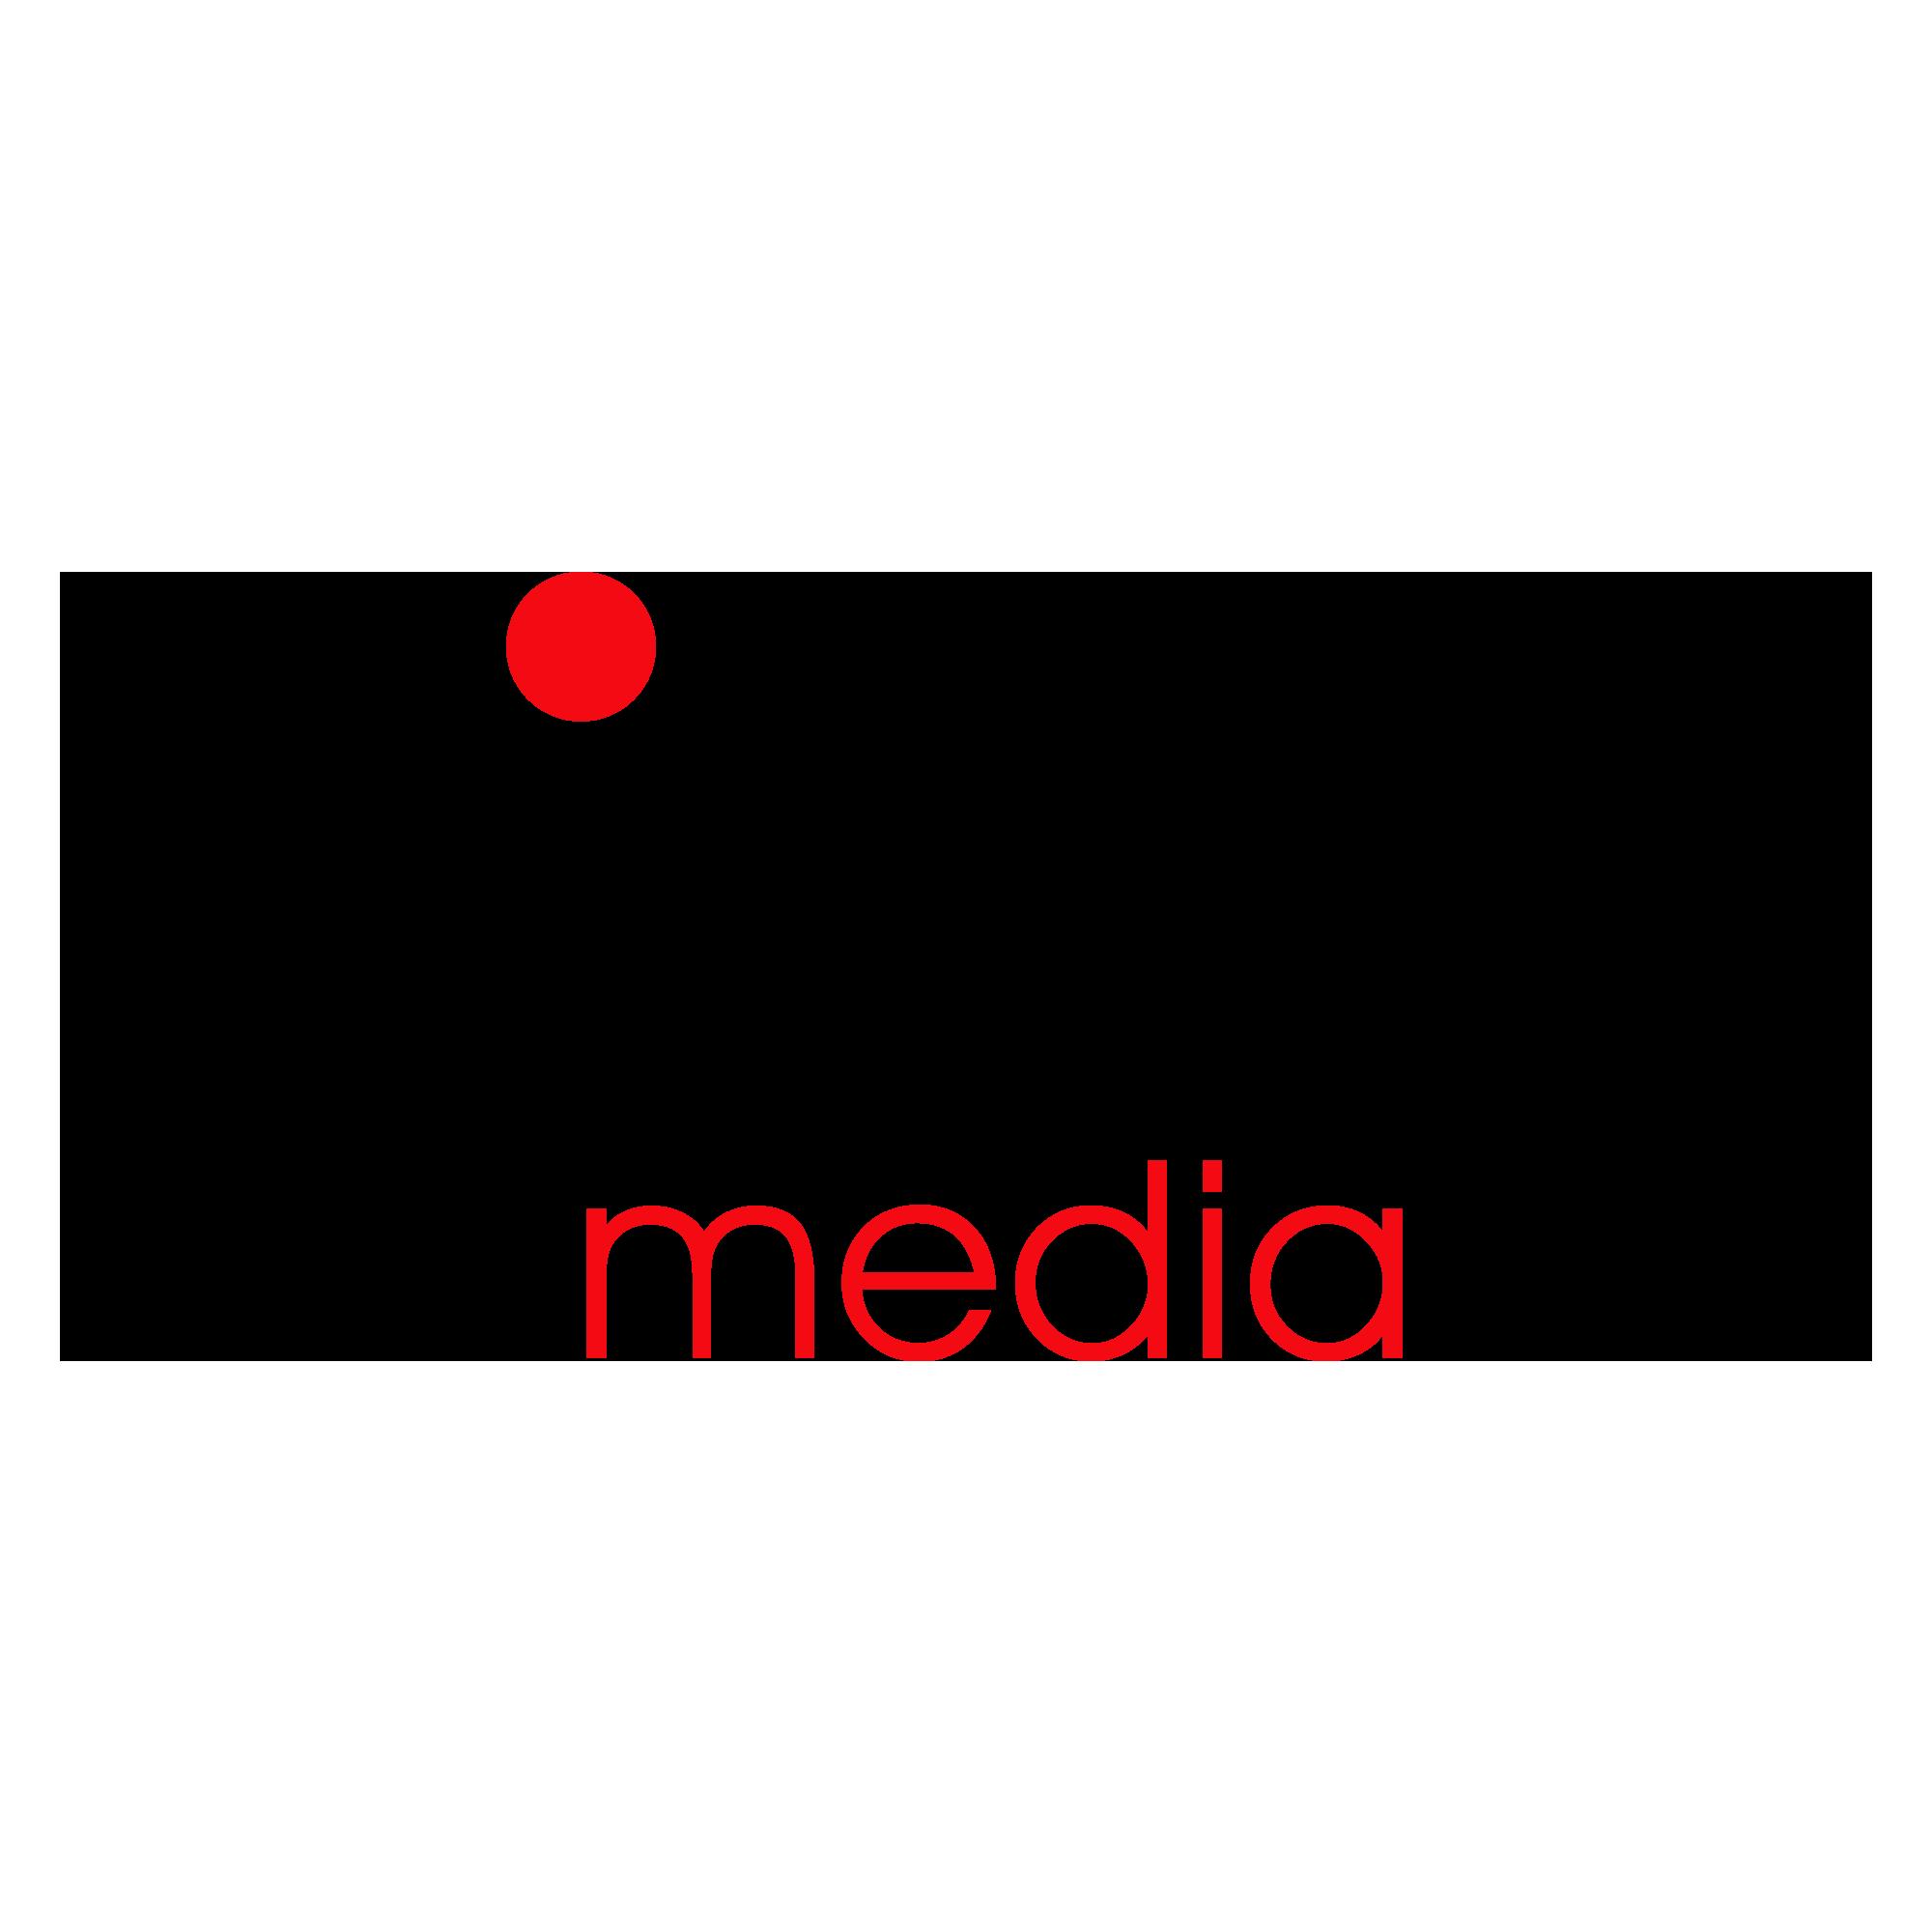 GIANT MEDIA